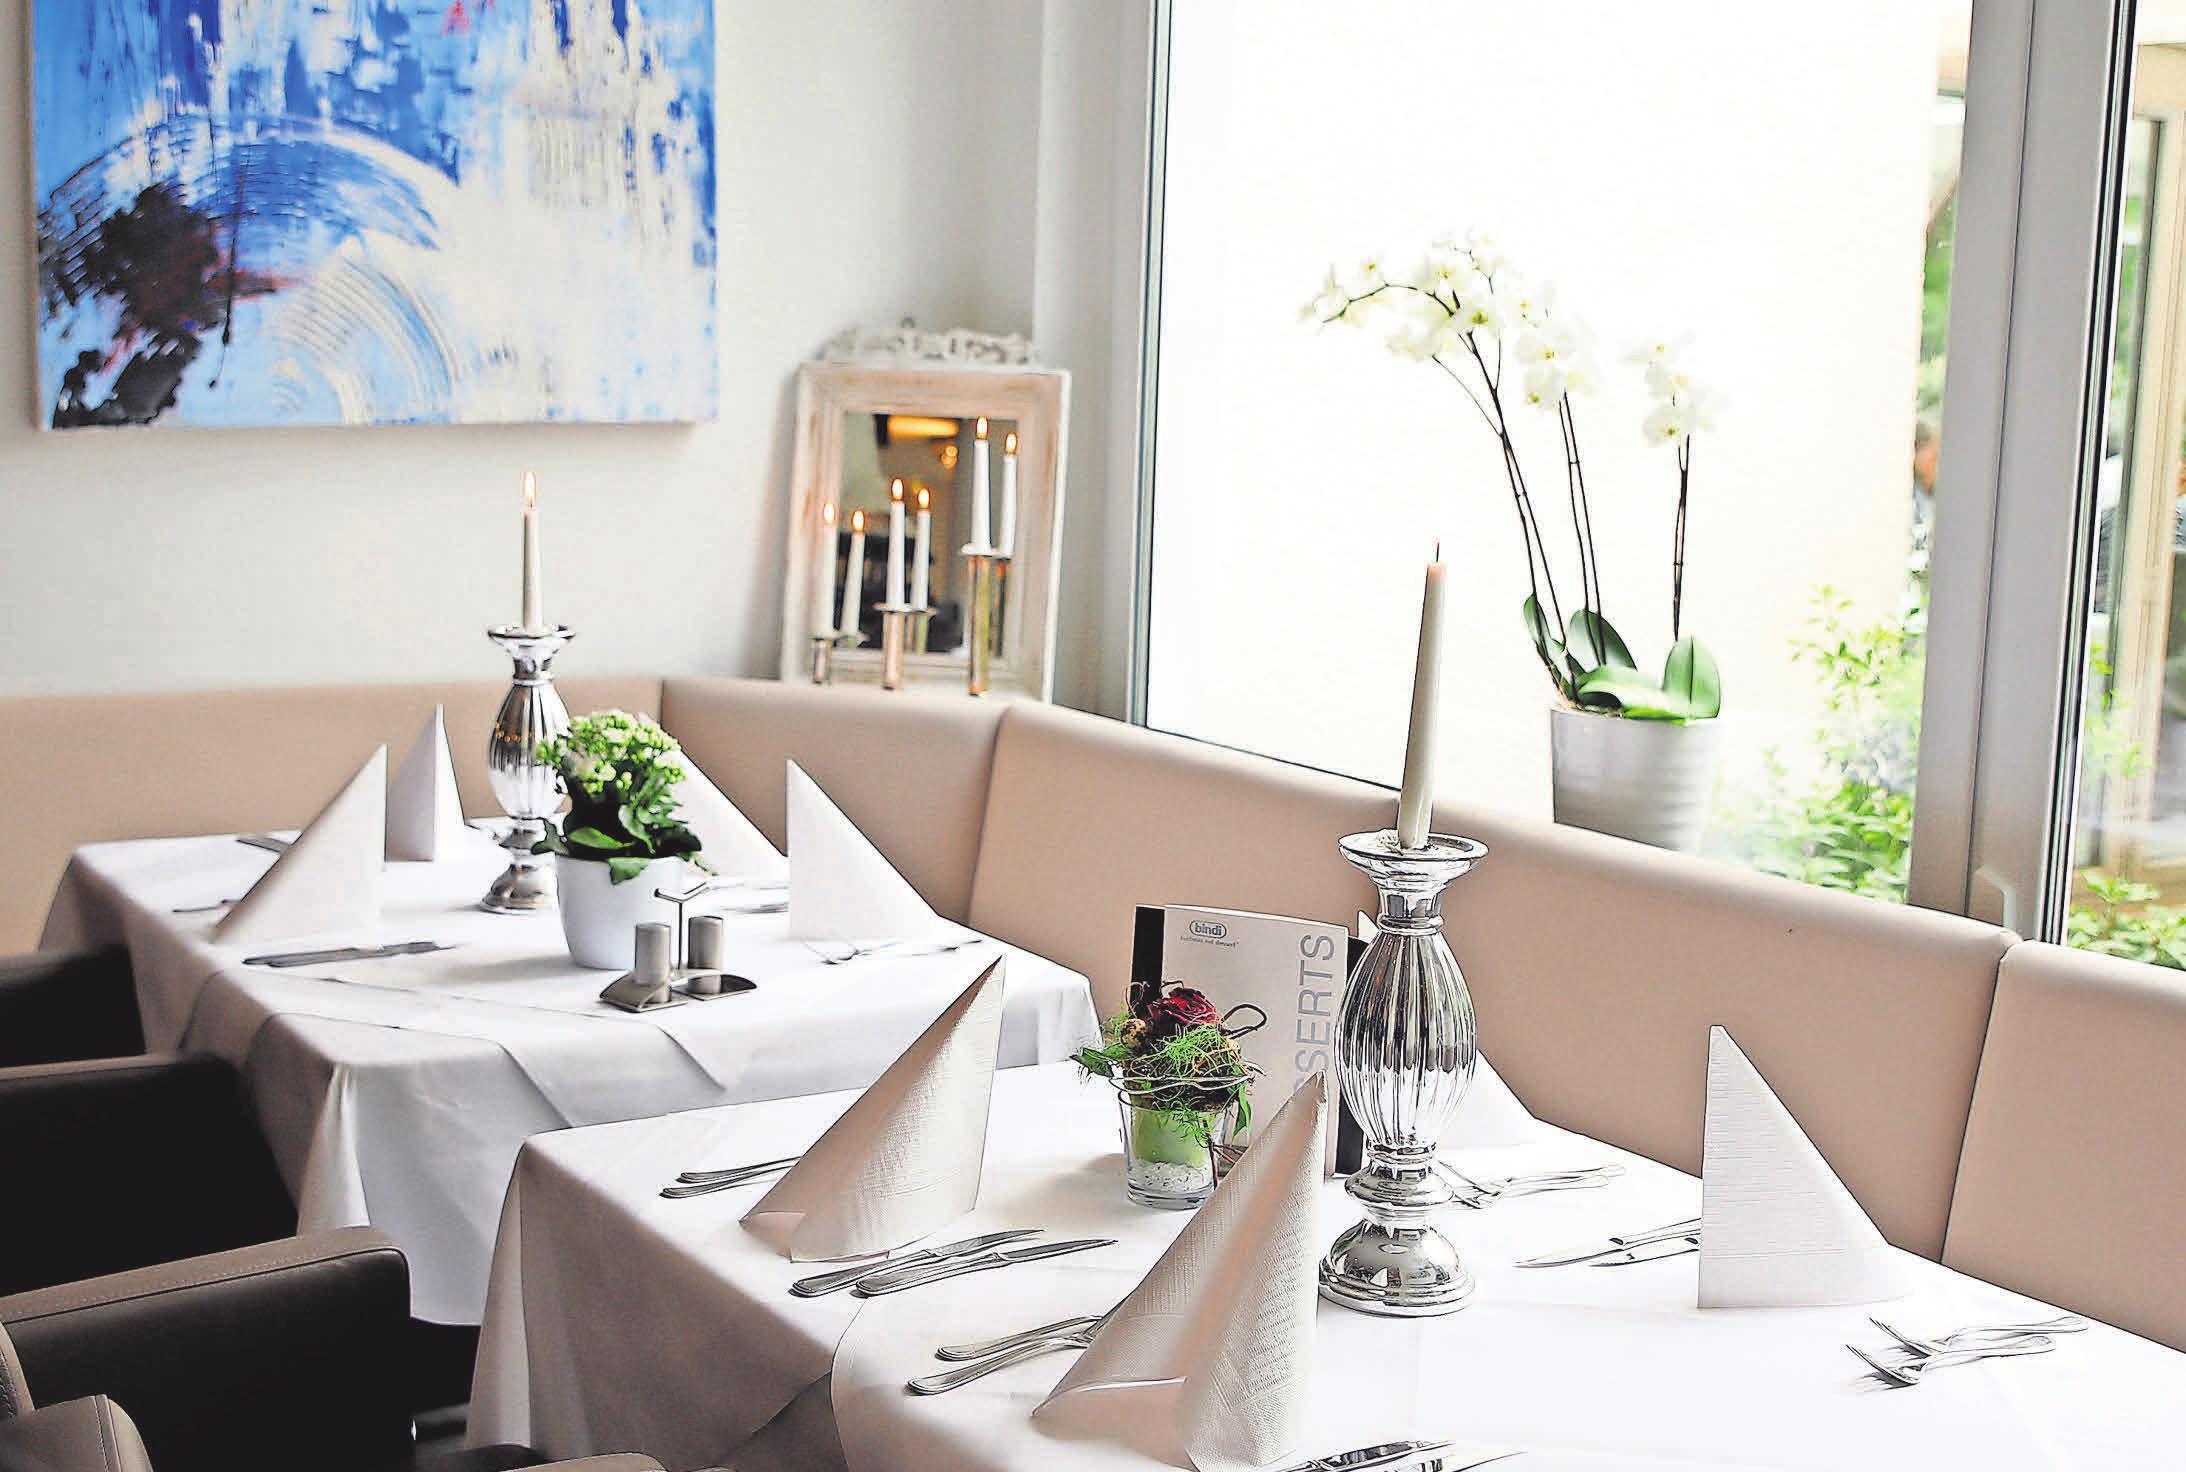 Seit mehr als 25 Jahren gehört das Restaurant Zeus von Rolf Kootsch zu eines der besten im Osten Hannovers.